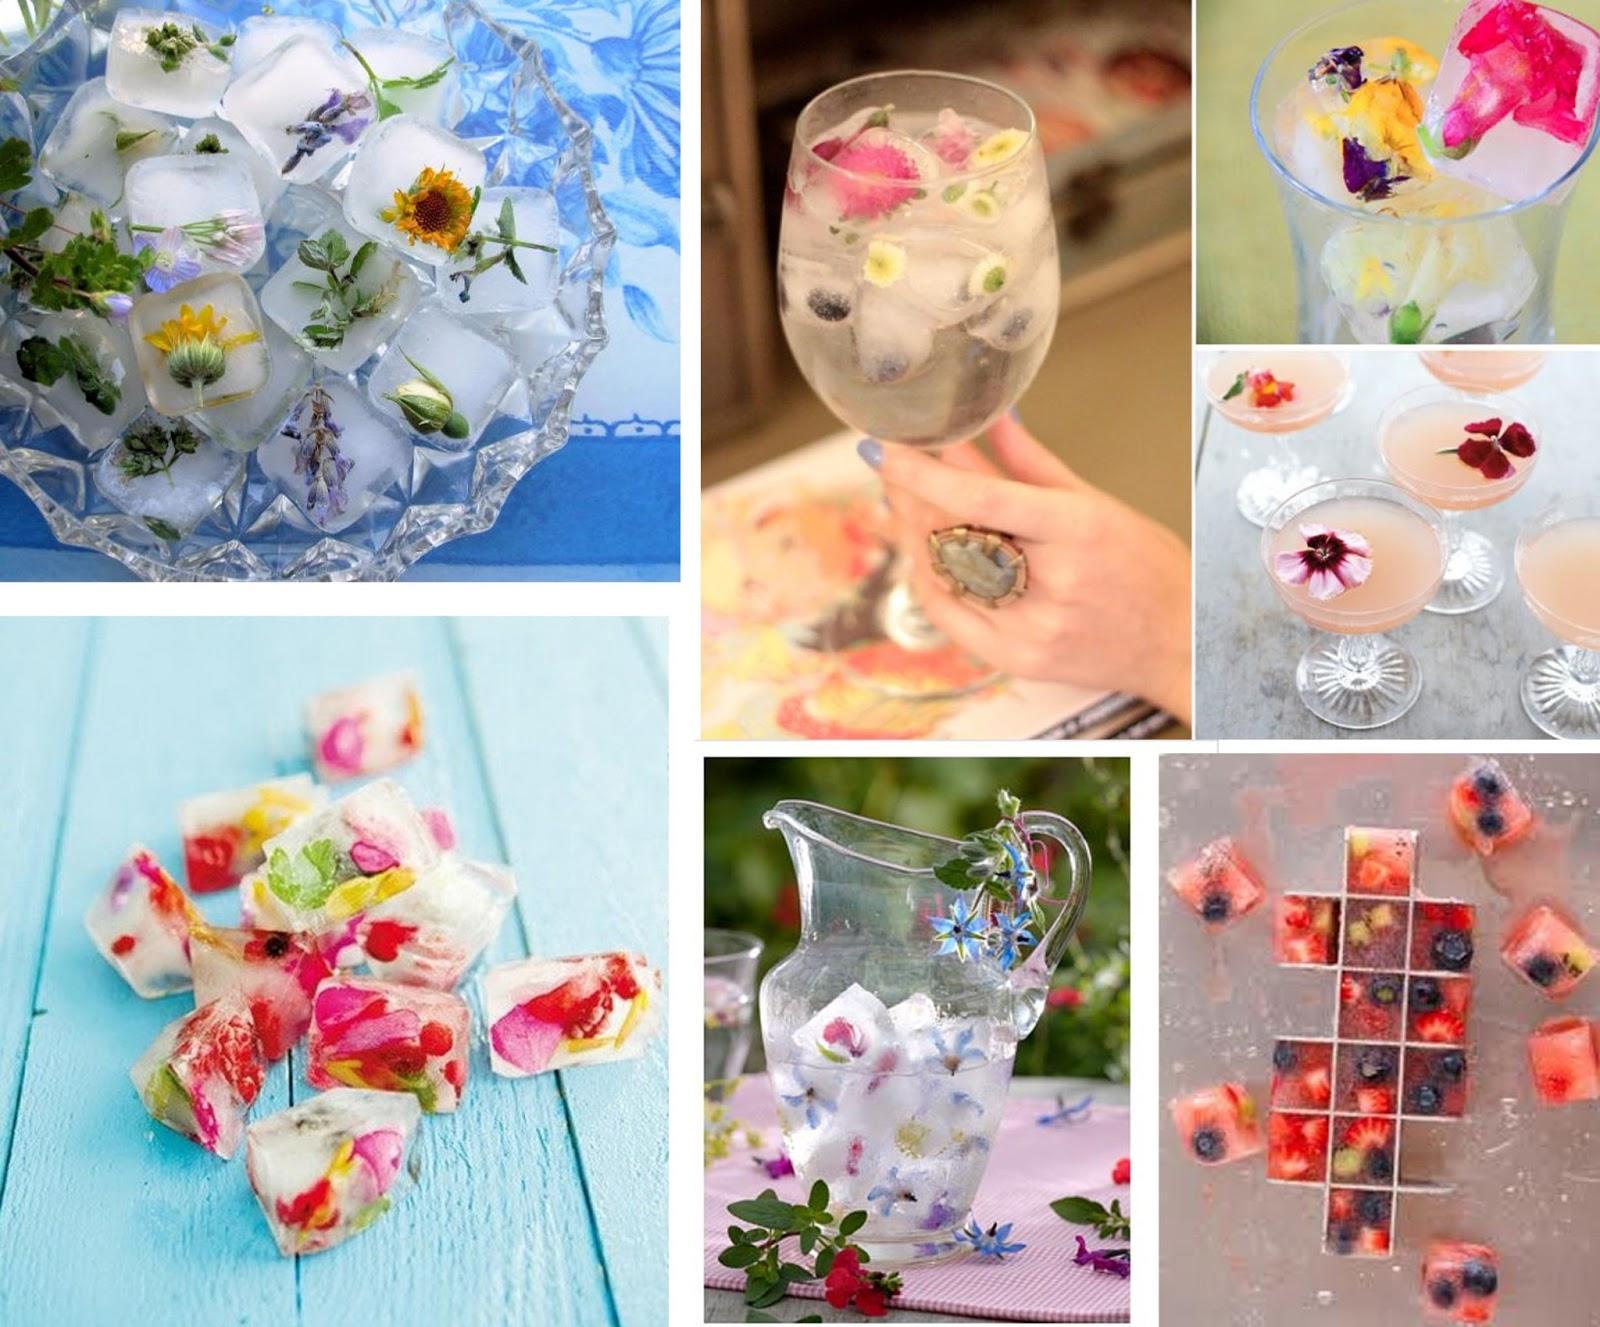 http://4.bp.blogspot.com/-uQz-cbgz464/UPZqPyP-AeI/AAAAAAAAFfI/Dy1I2AIsrqM/s1600/floral%2Bice%2Bcubes.jpg